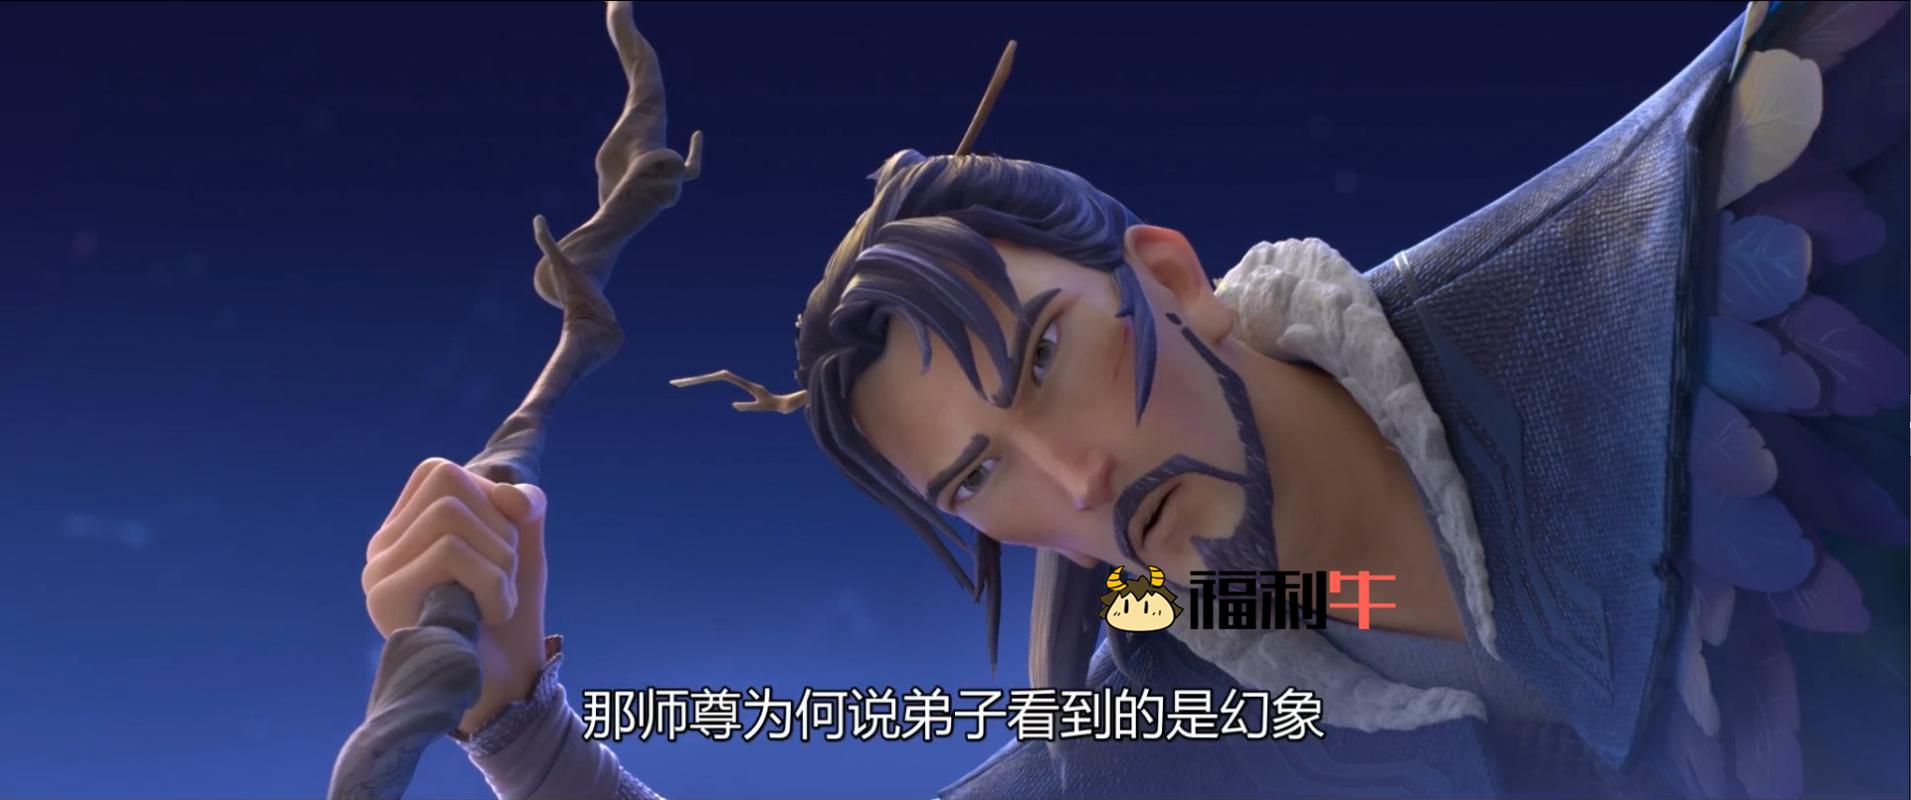 动画电影《姜子牙》最新1080高清版插图3